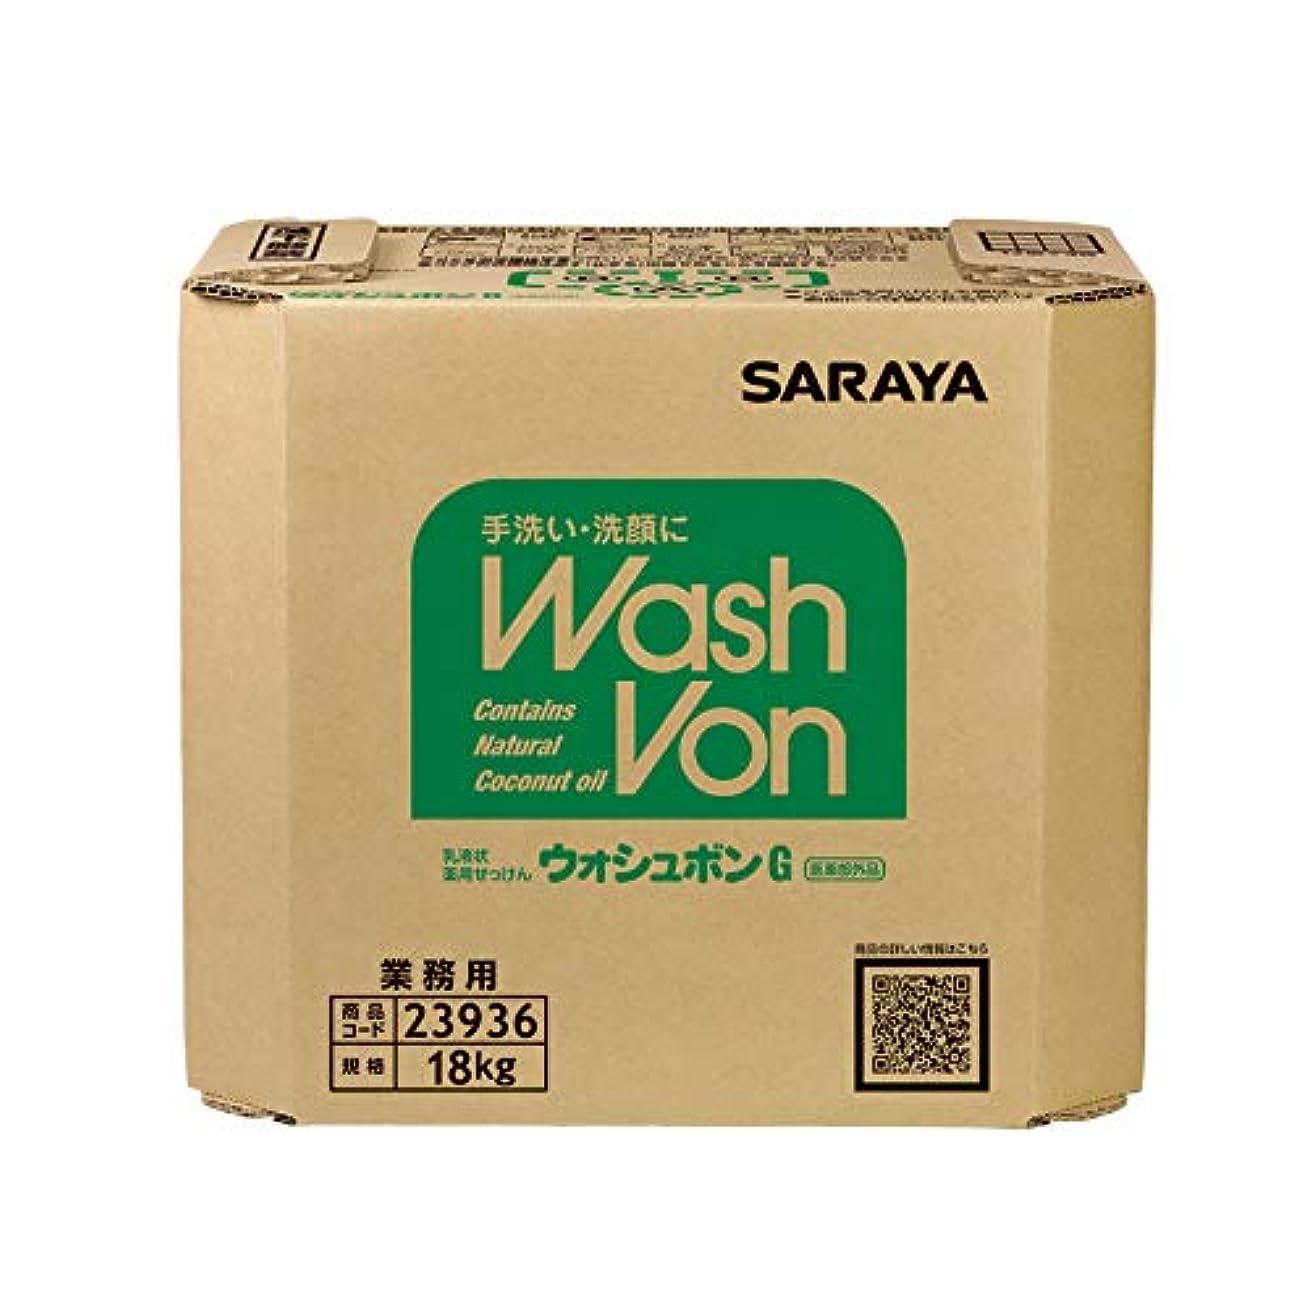 参照法律放つサラヤ ウォシュボン G 18kg 23936 (コック付き)